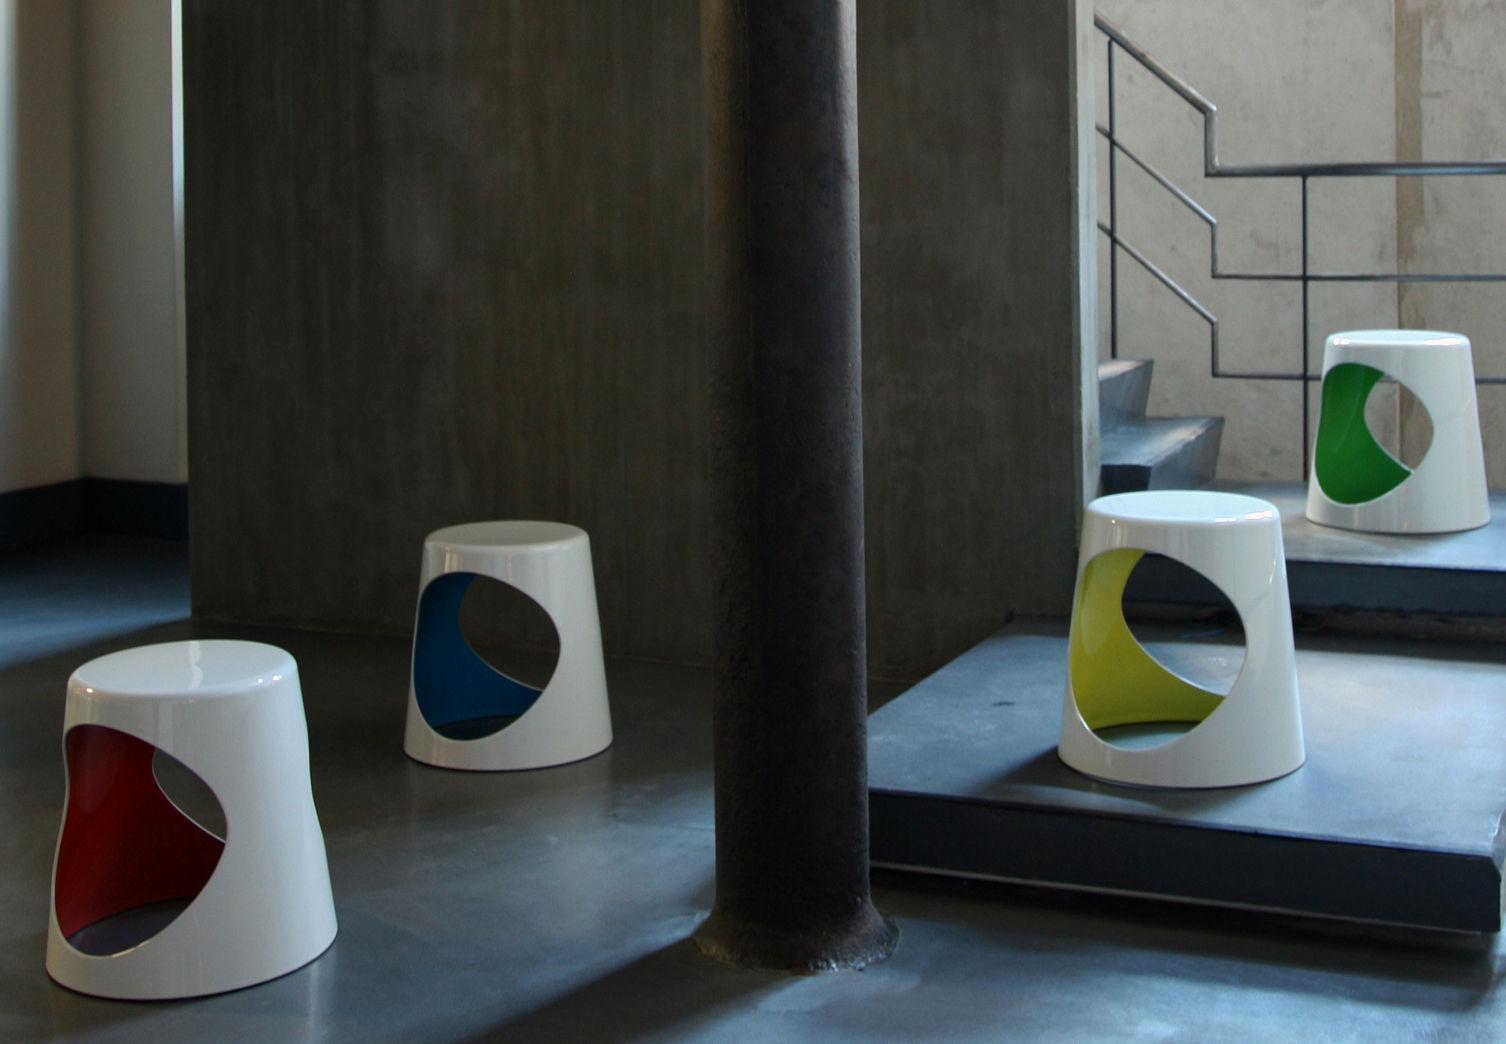 tabouret o2 chair plastique blanc int rieur jaune xl. Black Bedroom Furniture Sets. Home Design Ideas